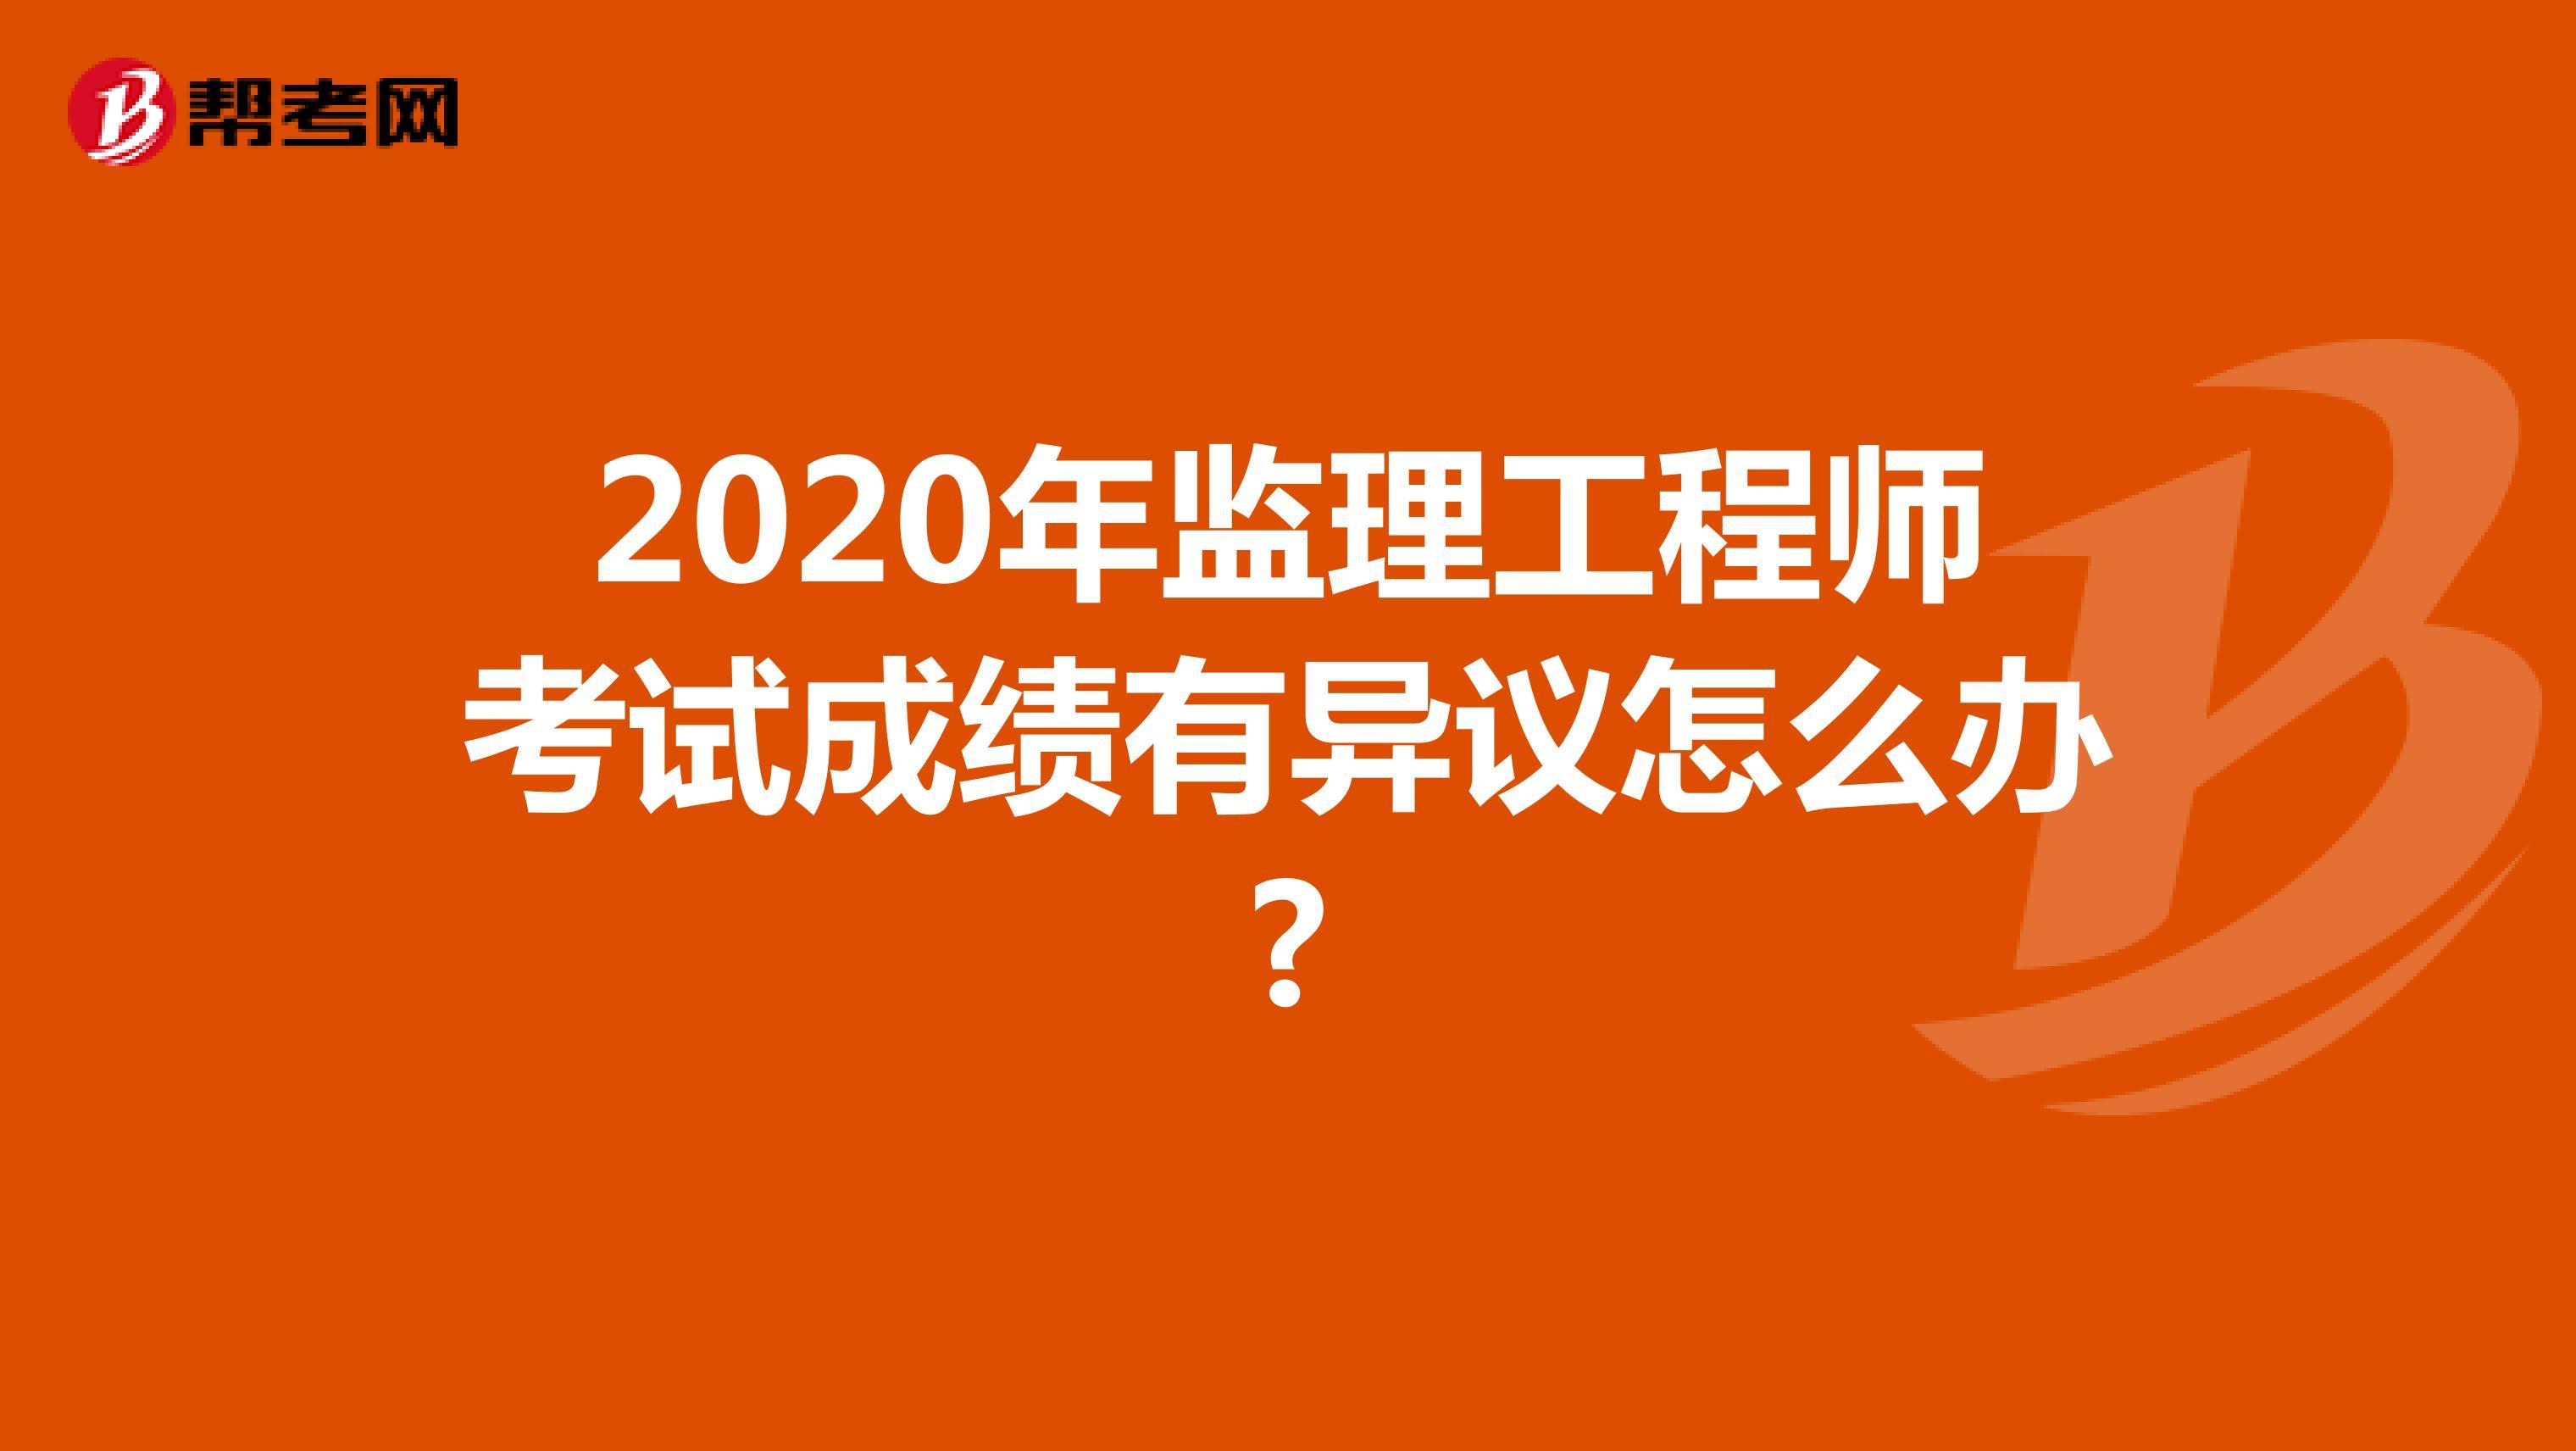 2020年監理工程師考試成績有異議怎么辦?